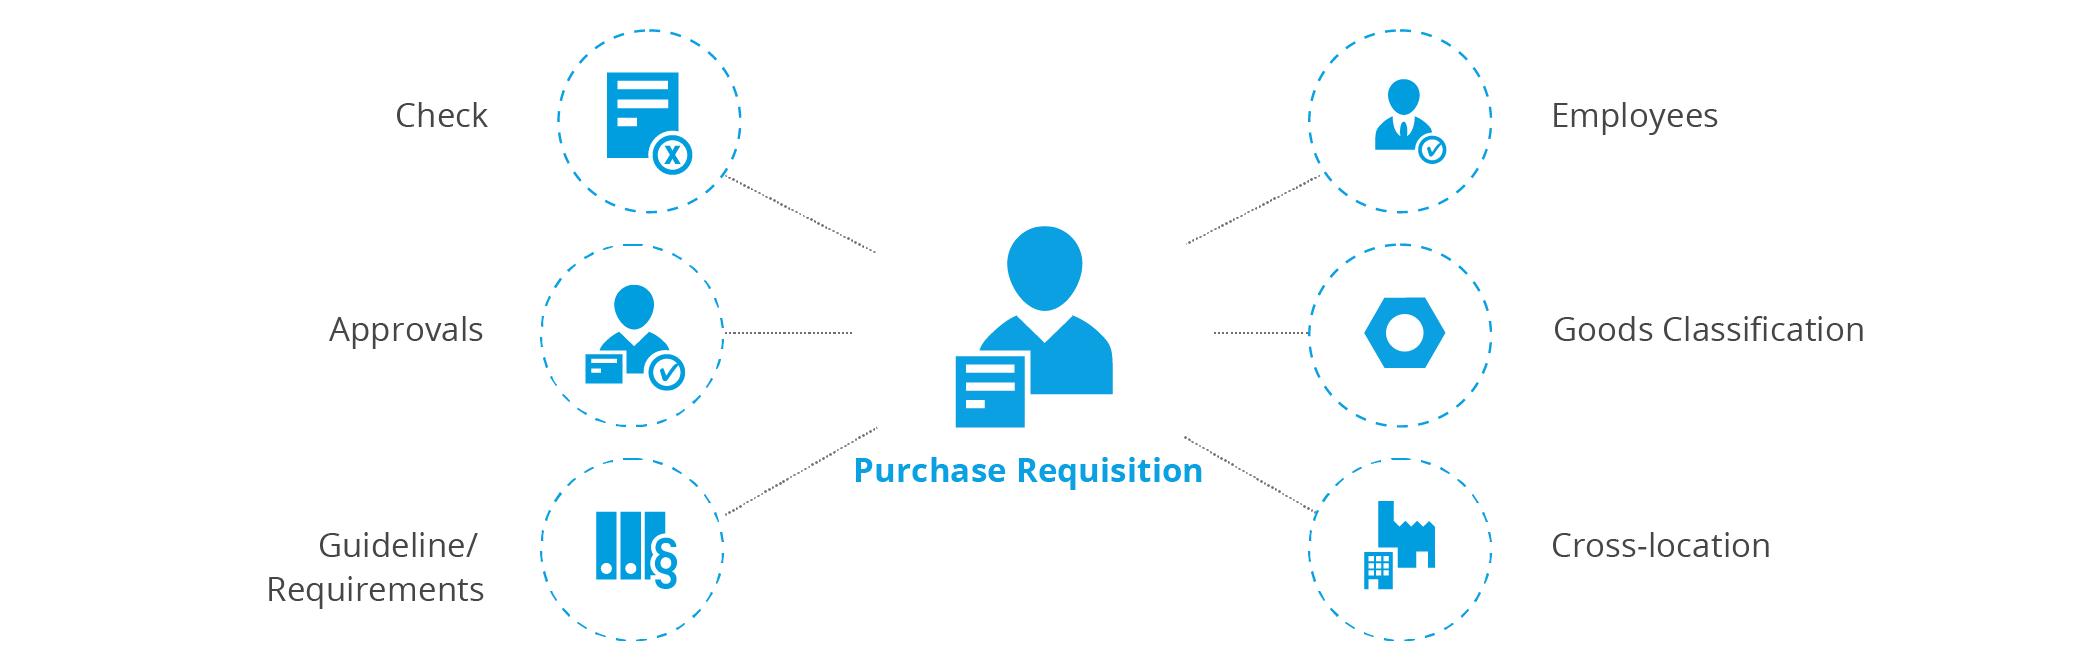 Procurement process - requisition